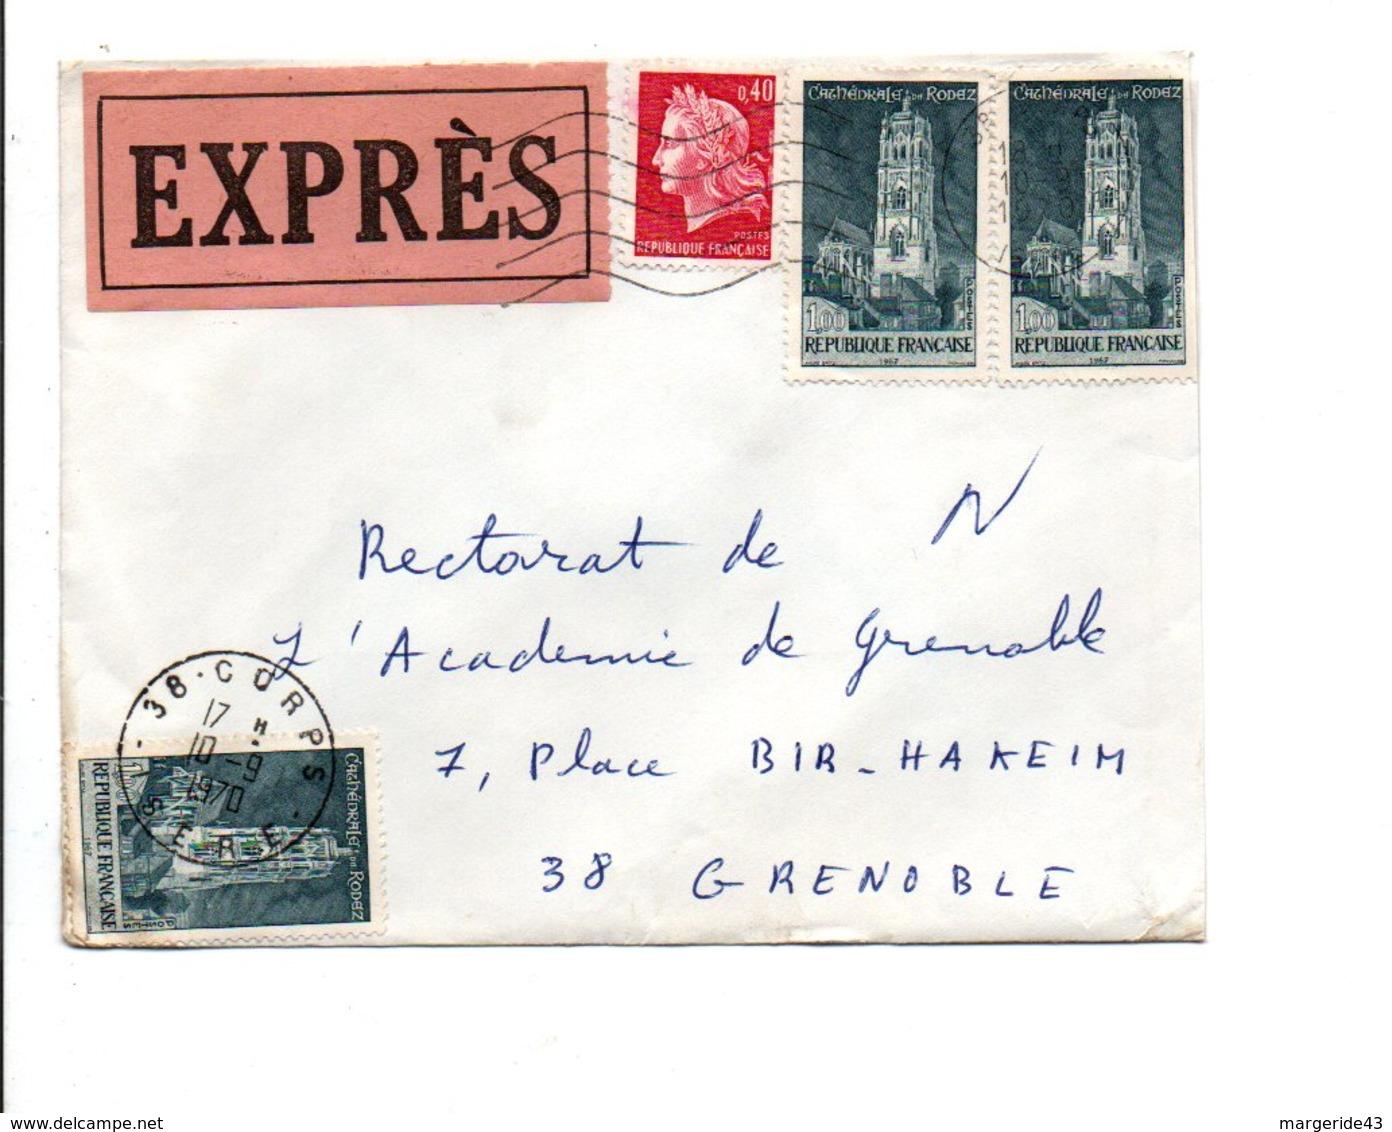 AFFRANCHISSEMENT COMPOSE SUR LETTRE EXPRES DE CORPS ISERE 1970 - Storia Postale